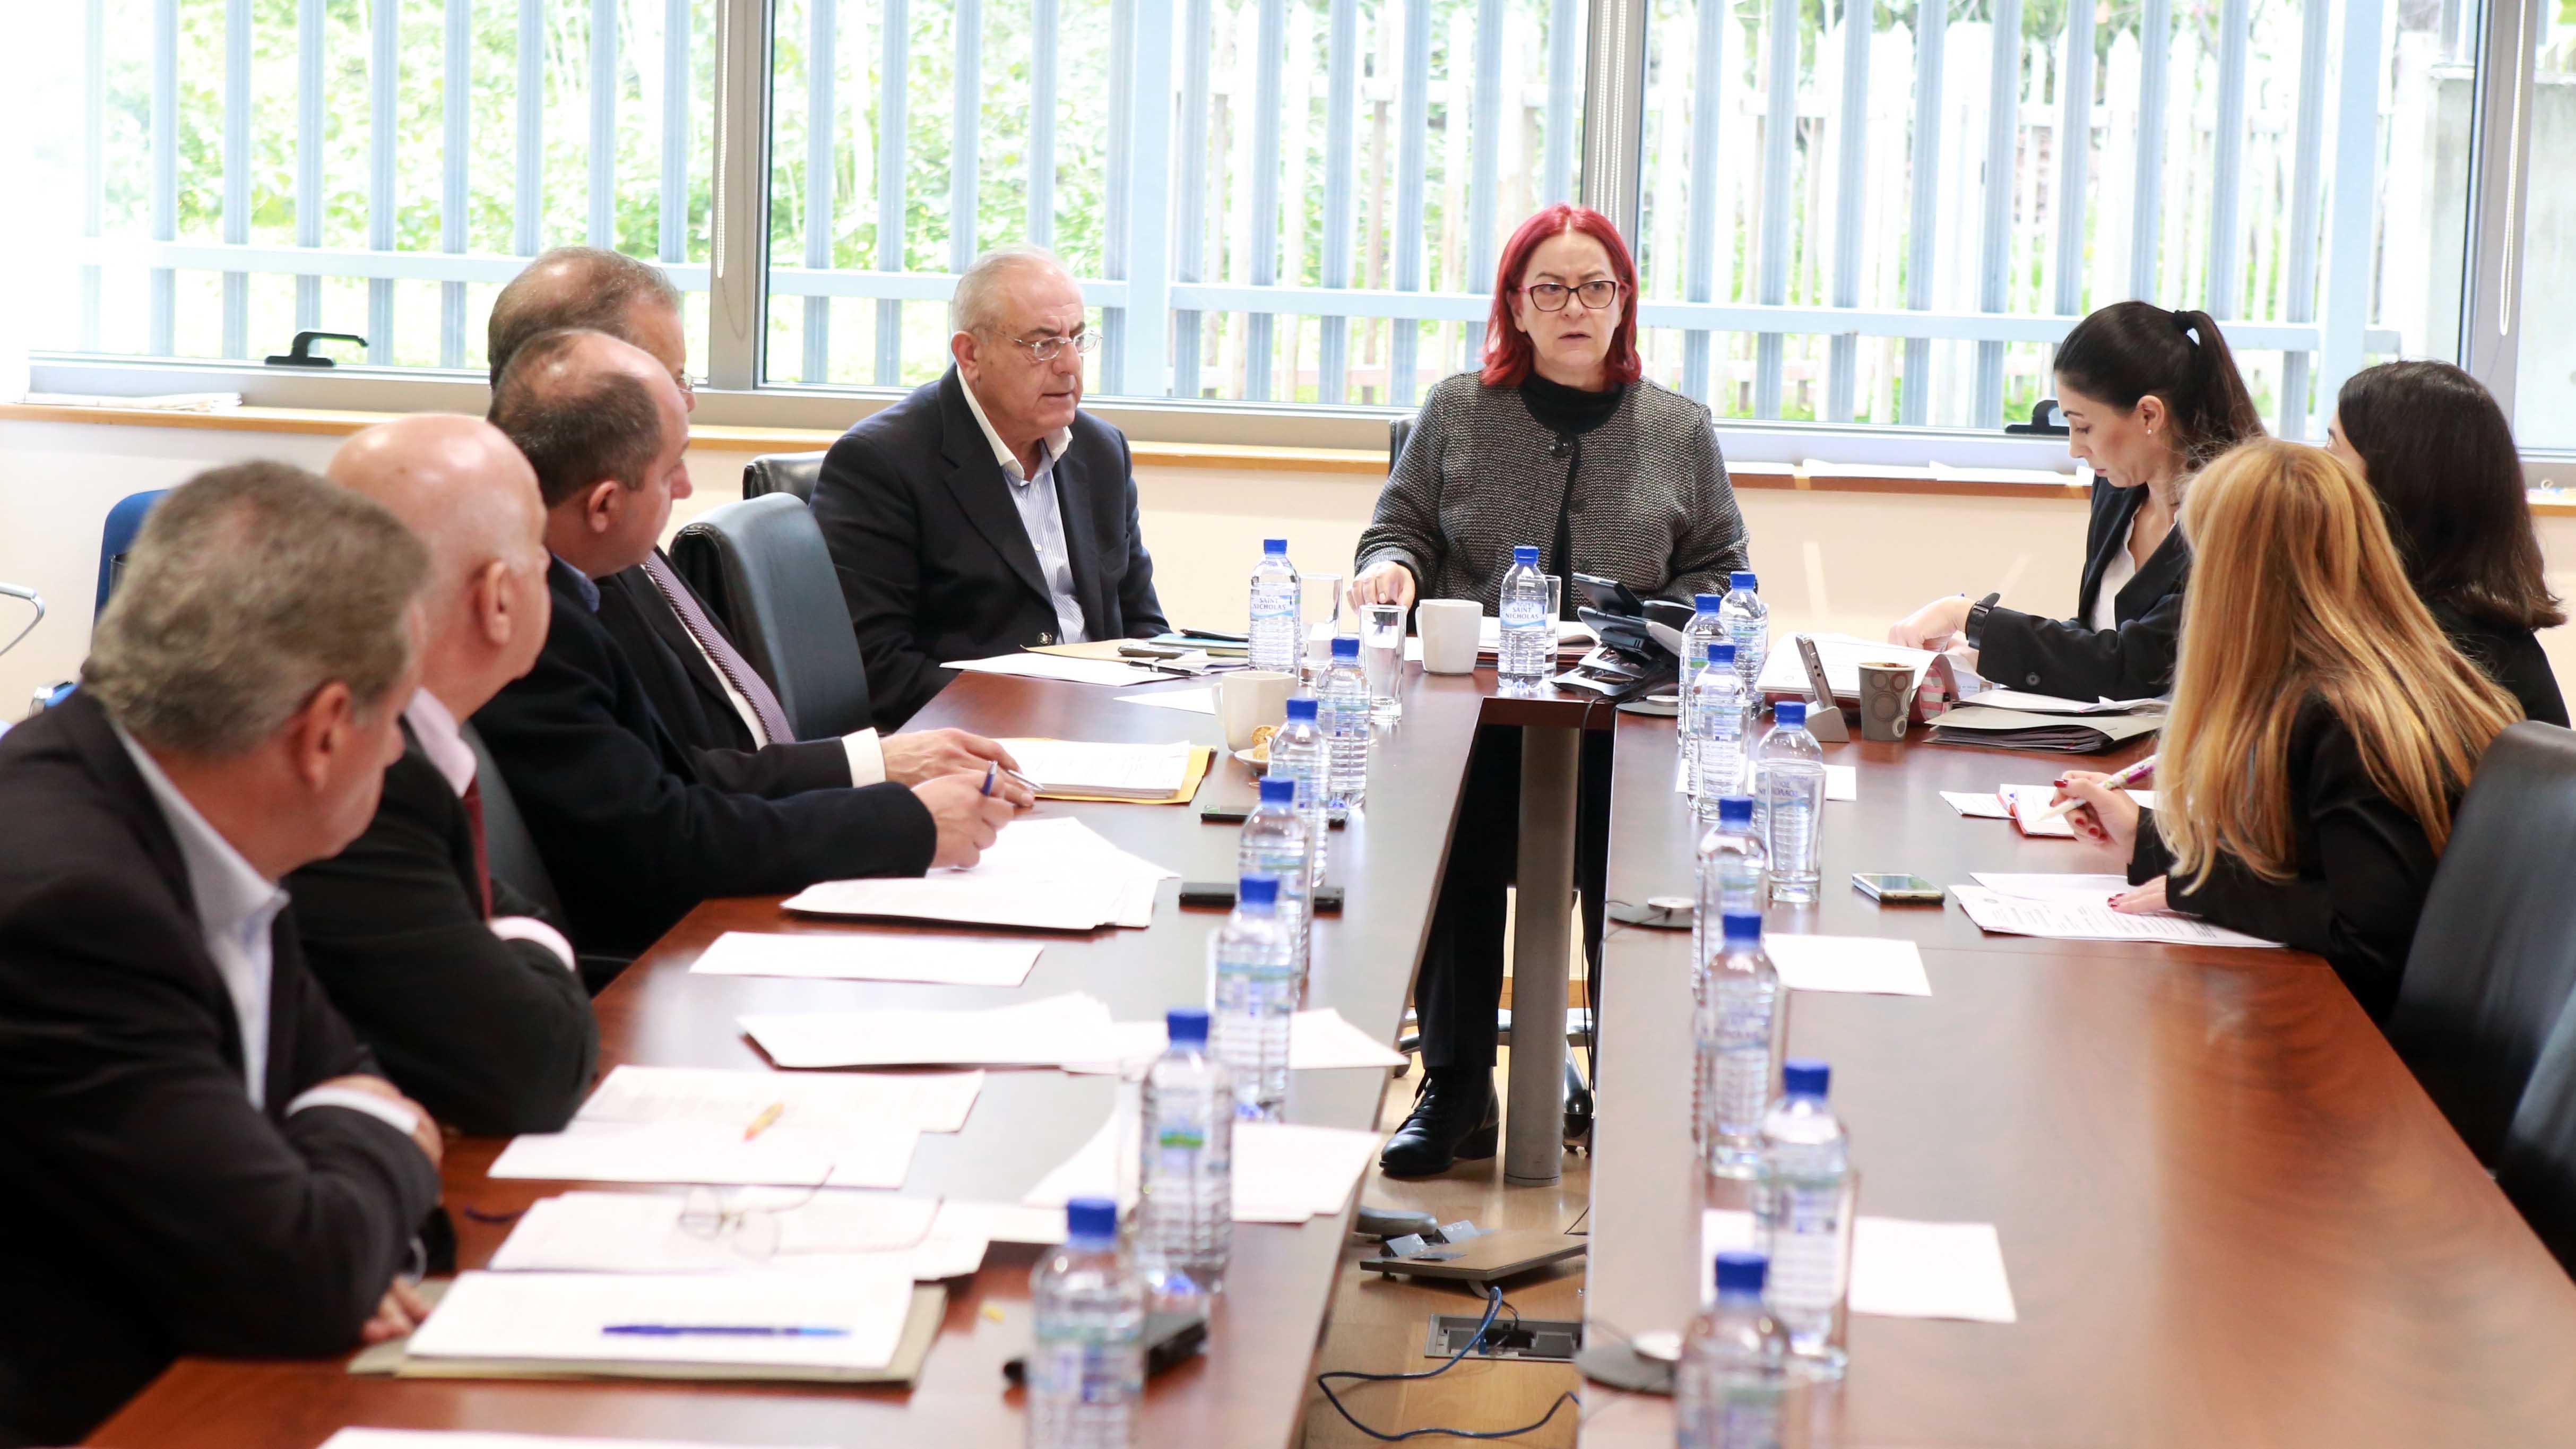 Η Επιτροπή Εσωτερικών εισηγείται αποδοχή της αναπομπής του νόμου για την ακίνητη ιδιοκτησία